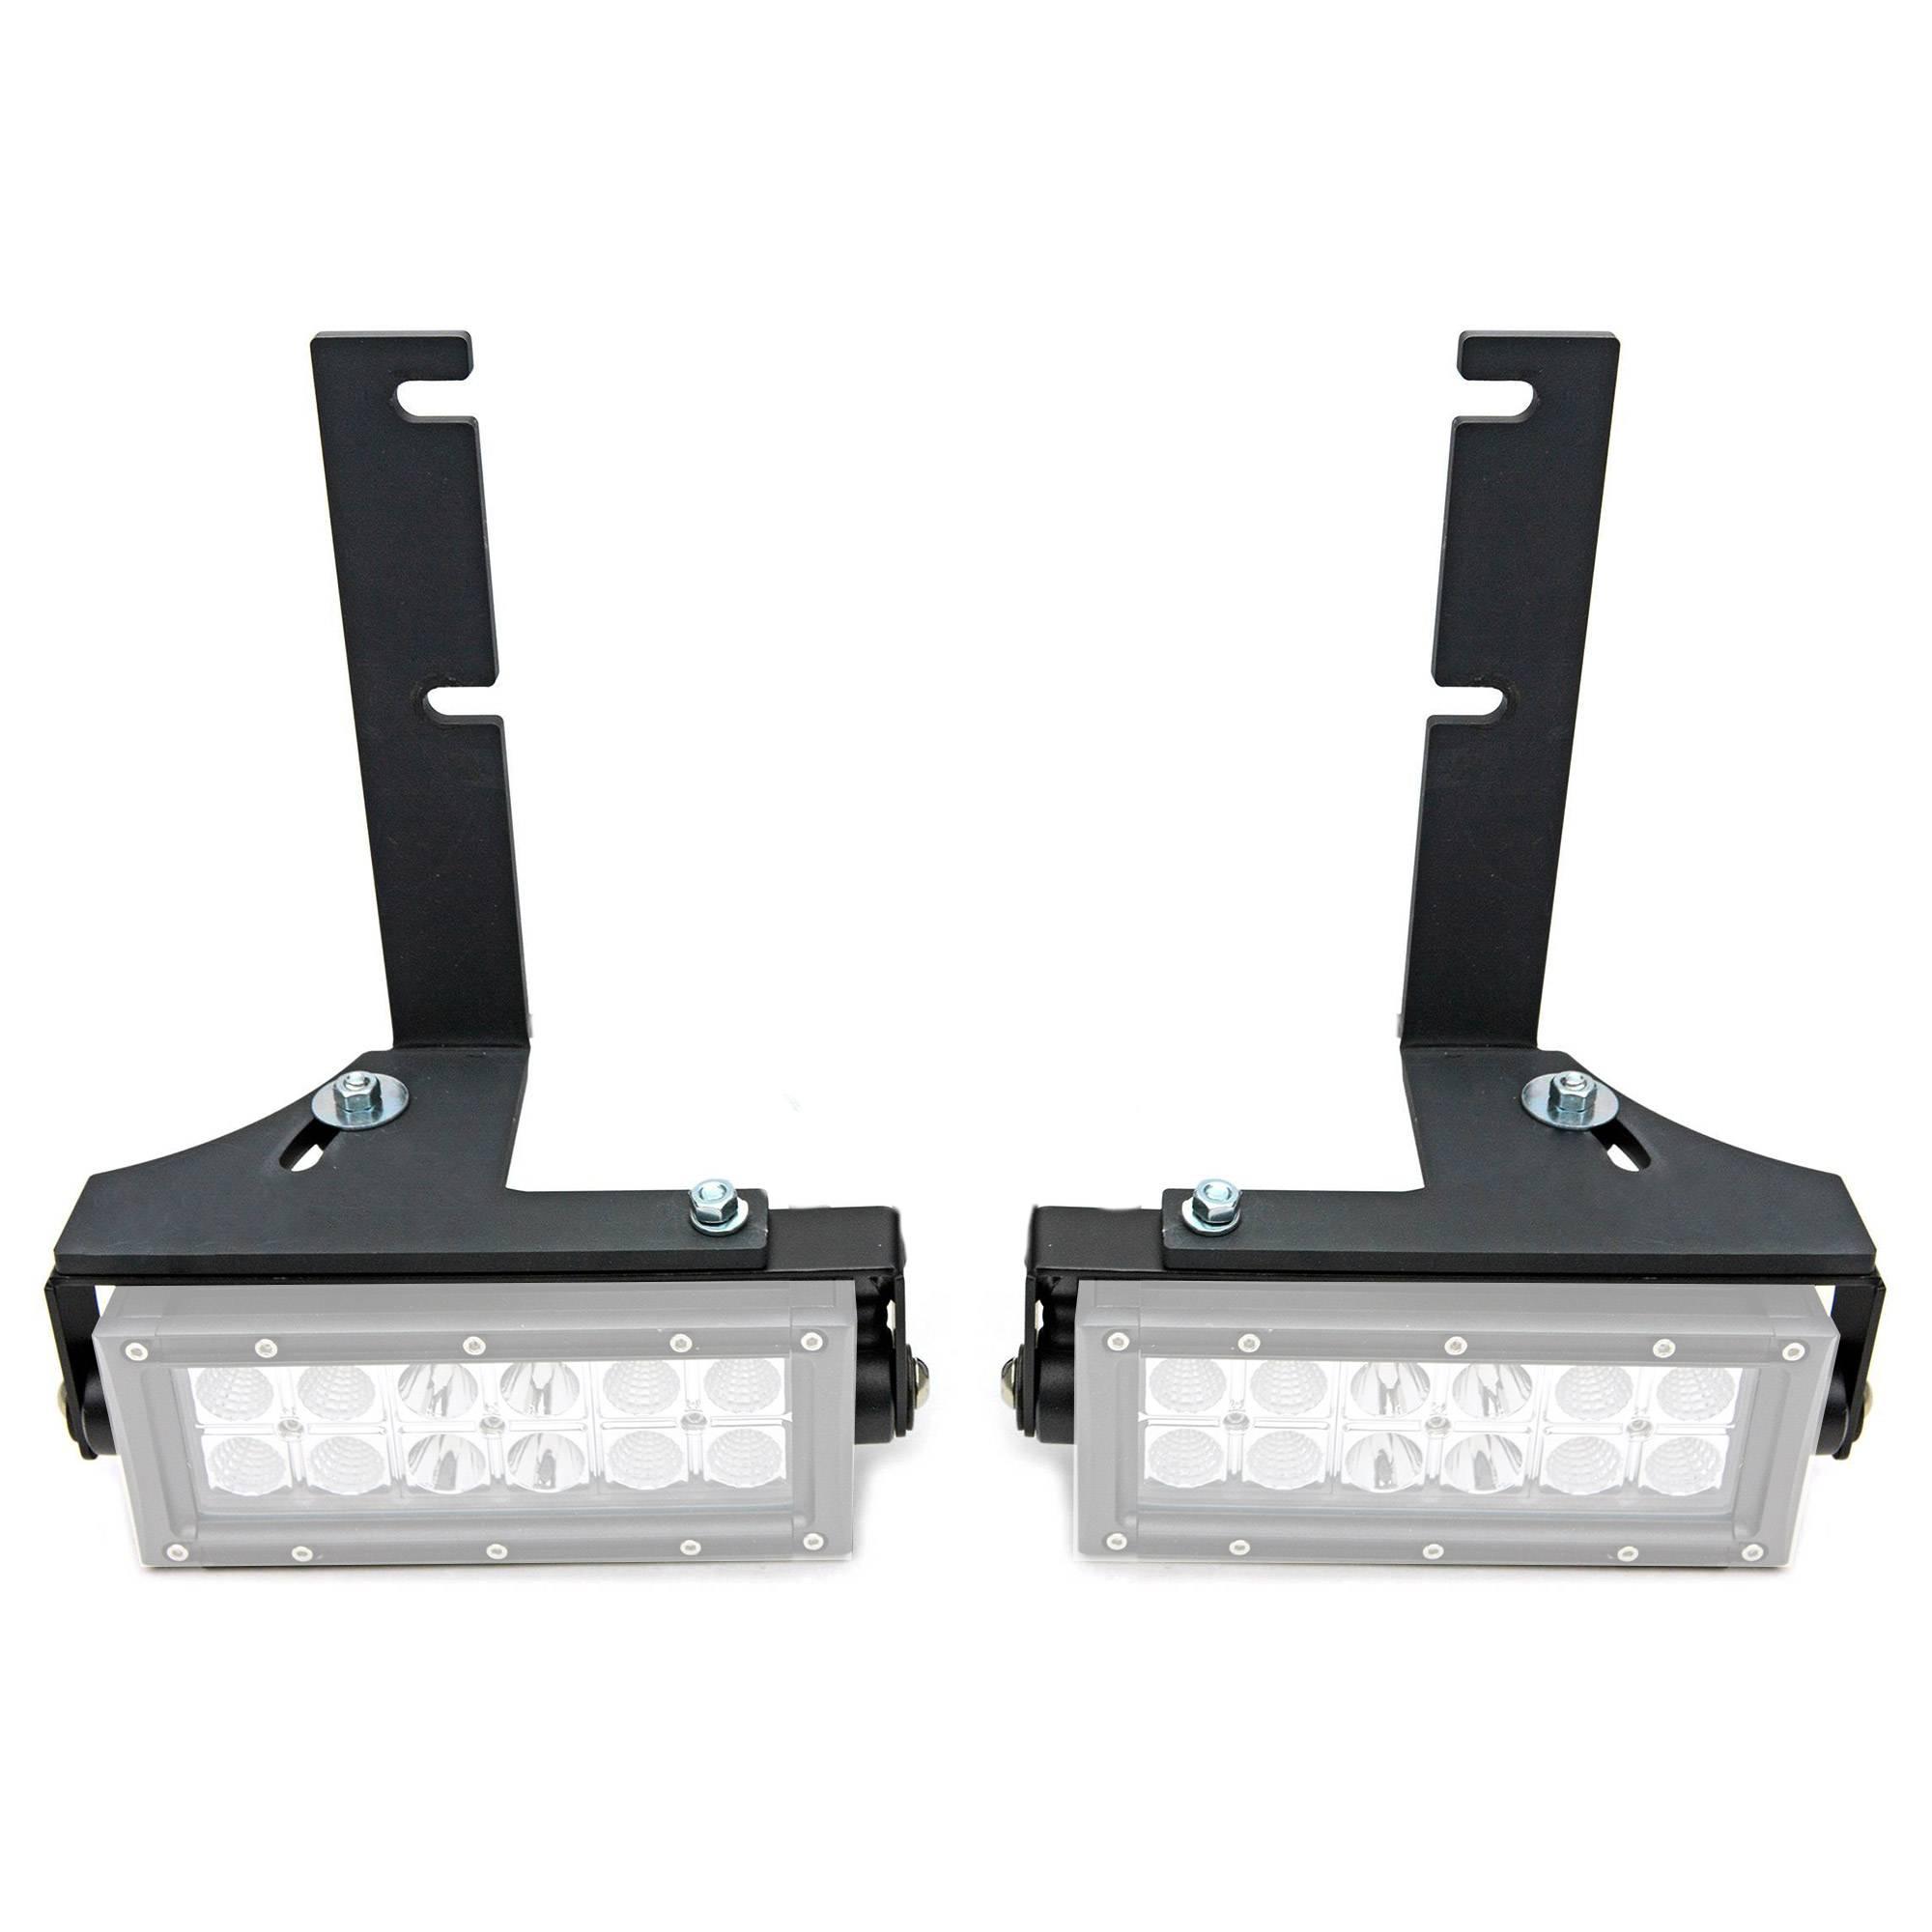 ZROADZ - 2014-2018 Silverado, Sierra 1500 Rear Bumper LED Bracket to mount (2) 6 Inch Straight Light Bar - PN #Z382082